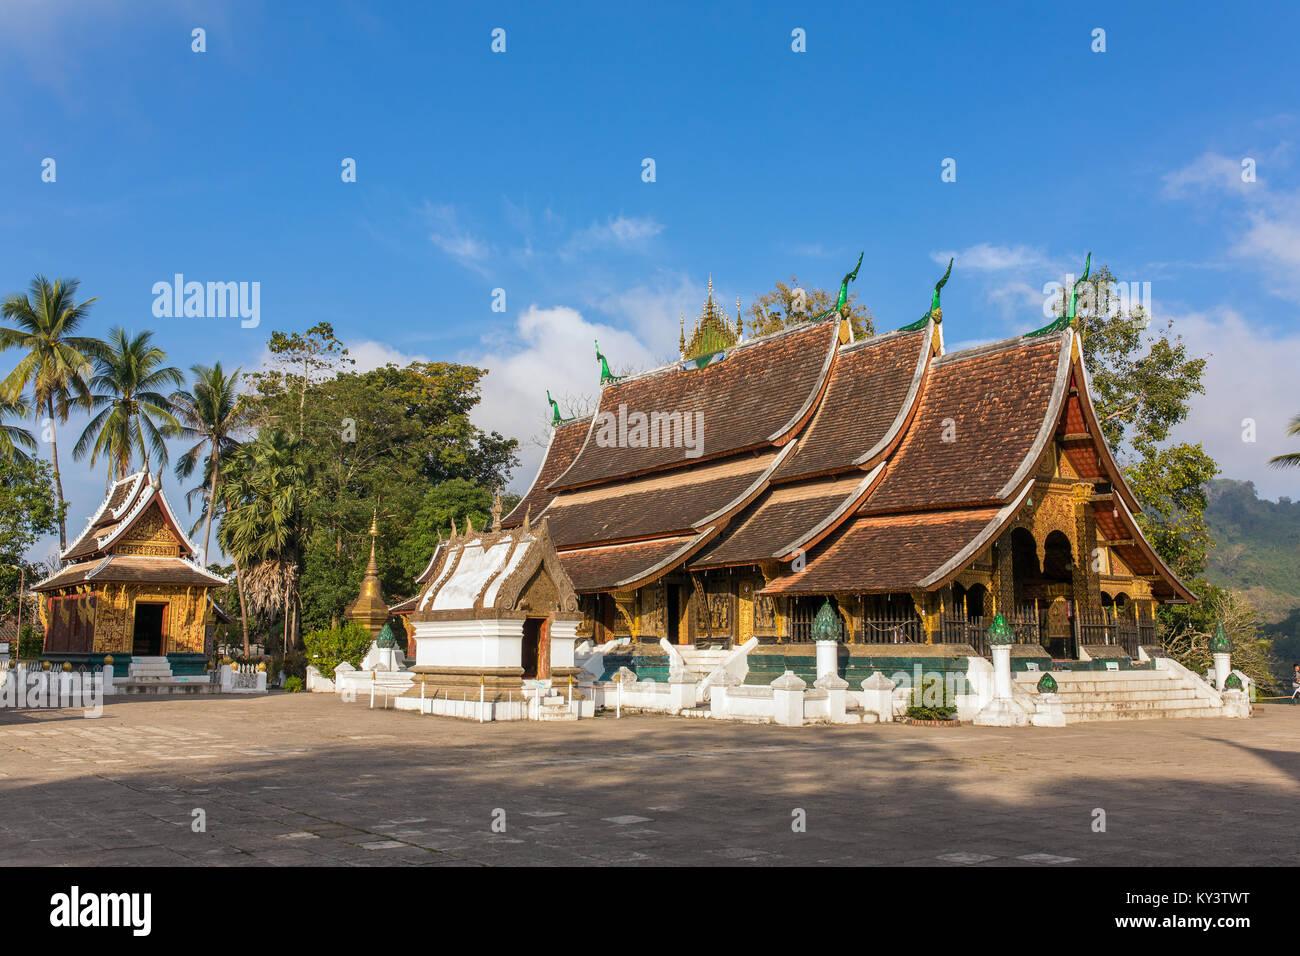 Wat Xieng Thong temple, Luang Prabang, Laos - Stock Image